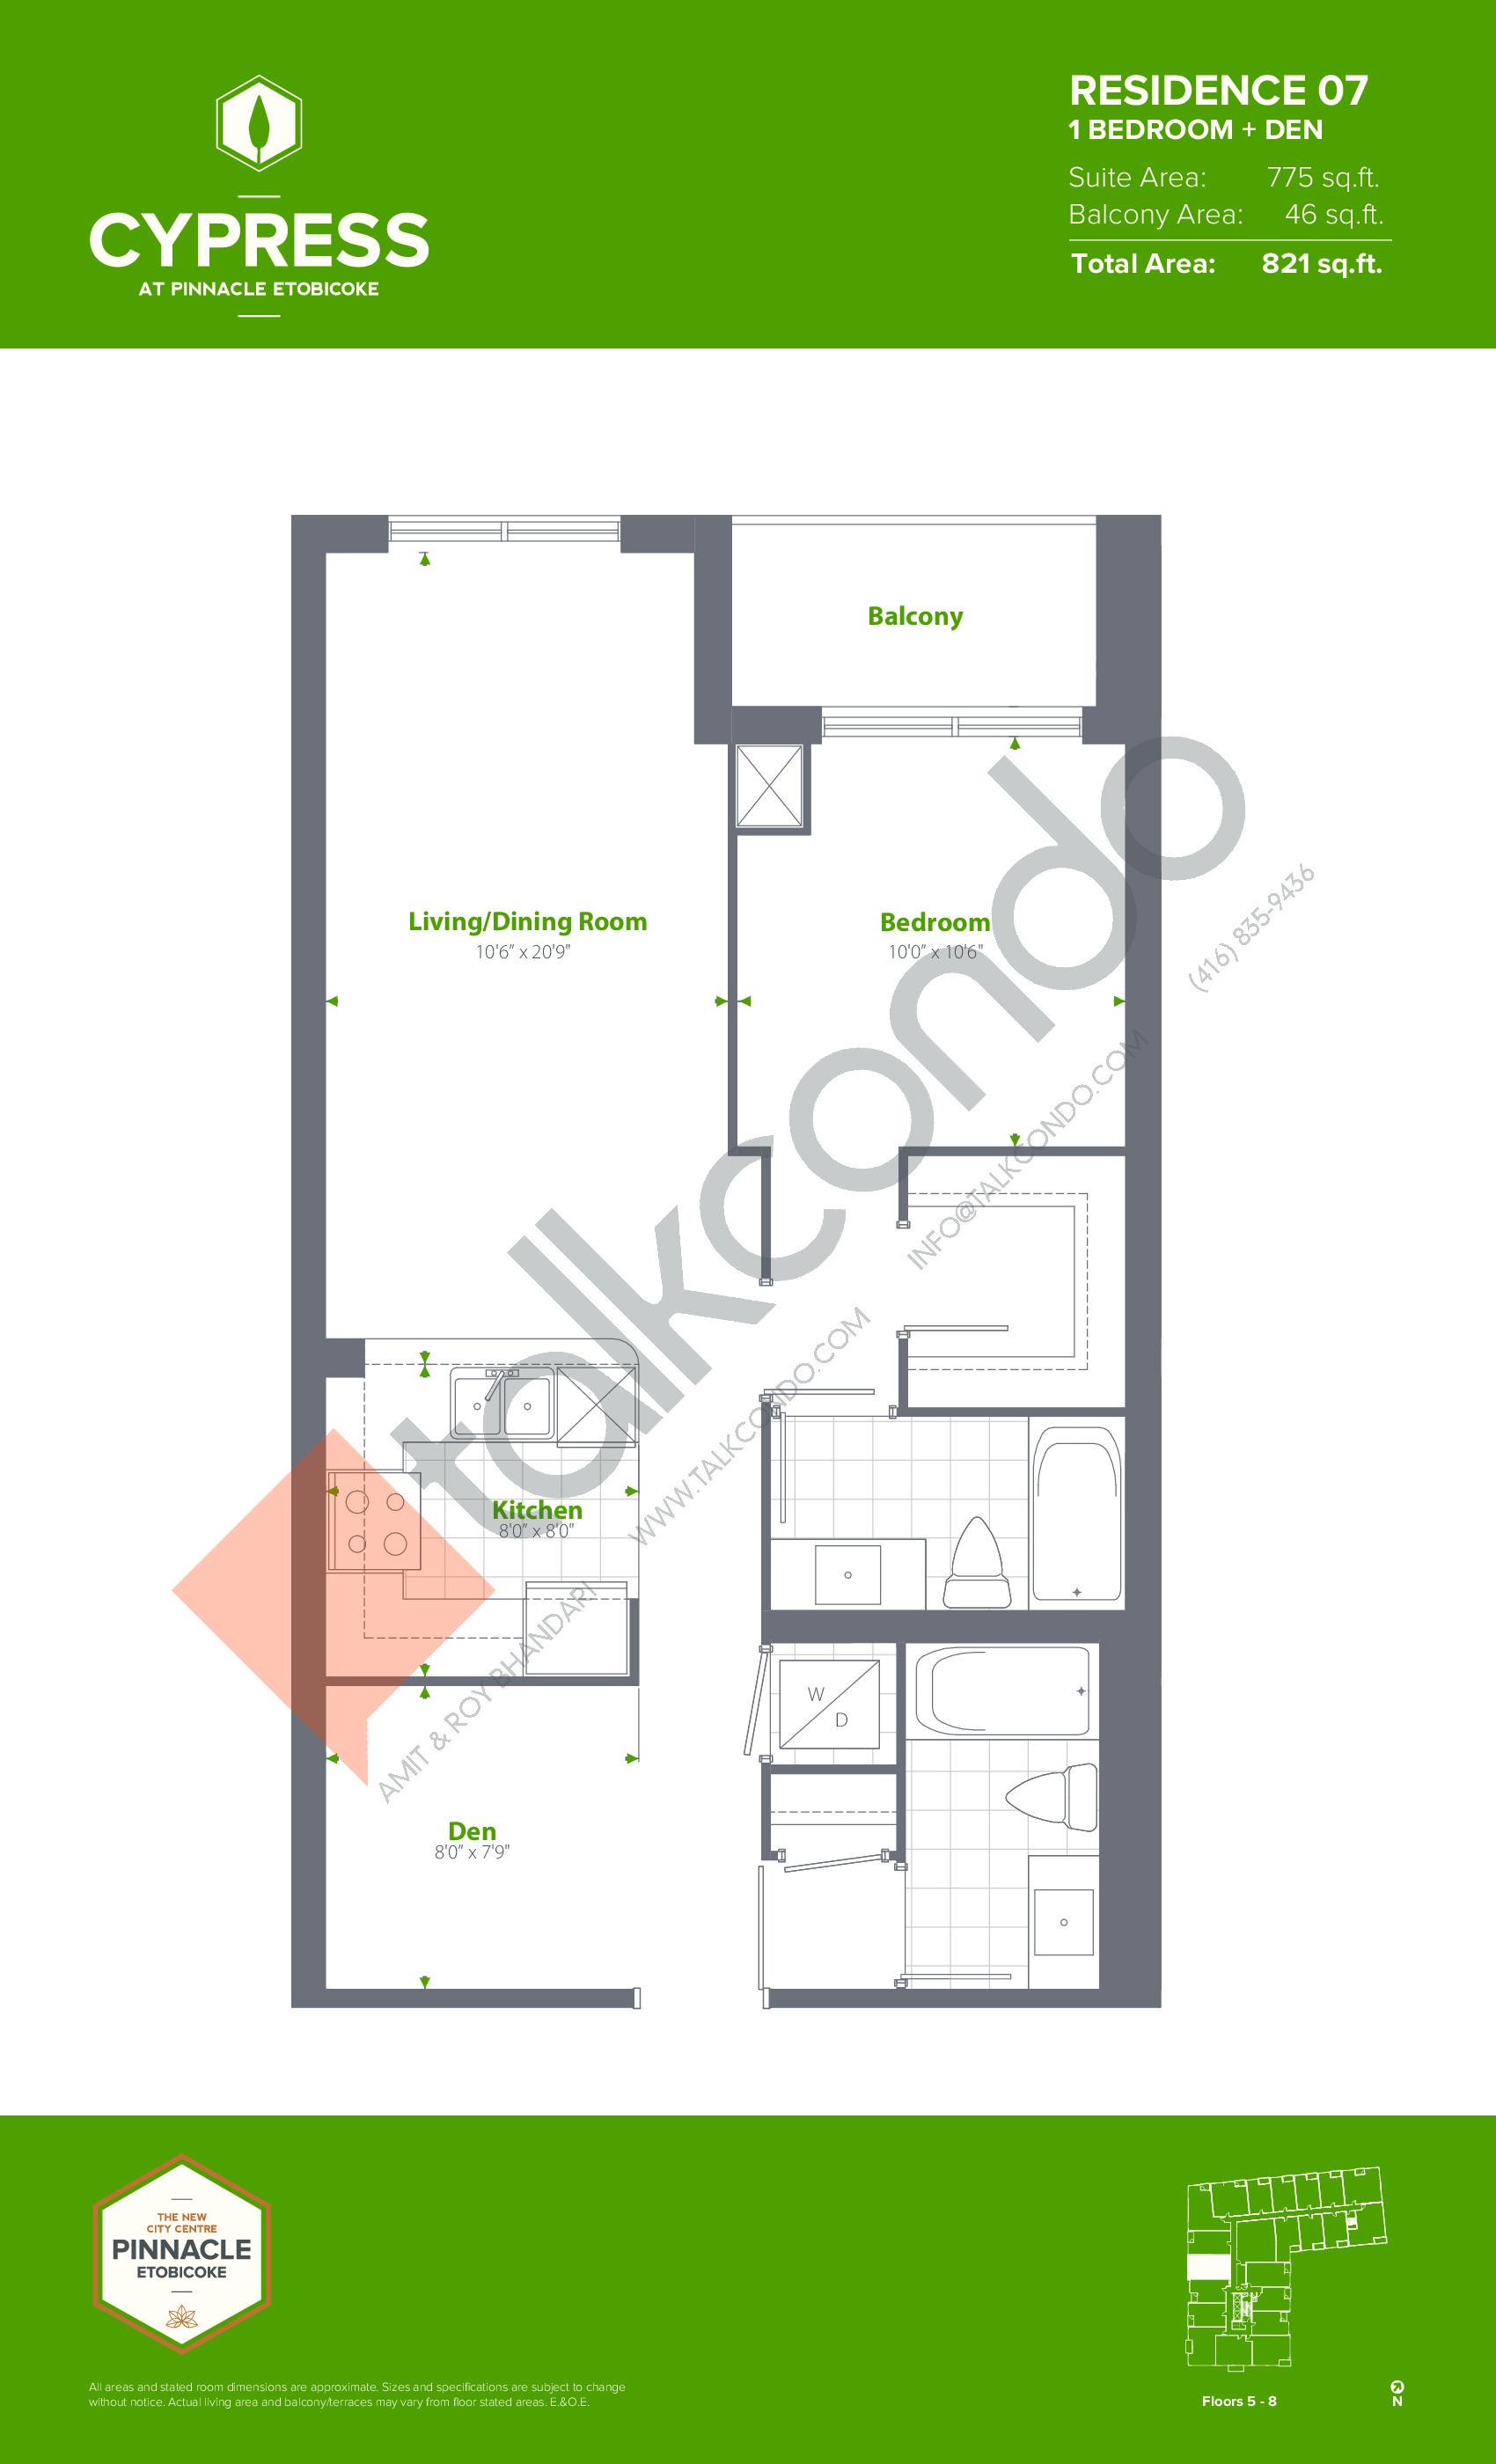 Residence 07 (Podium) Floor Plan at Cypress at Pinnacle Etobicoke - 775 sq.ft